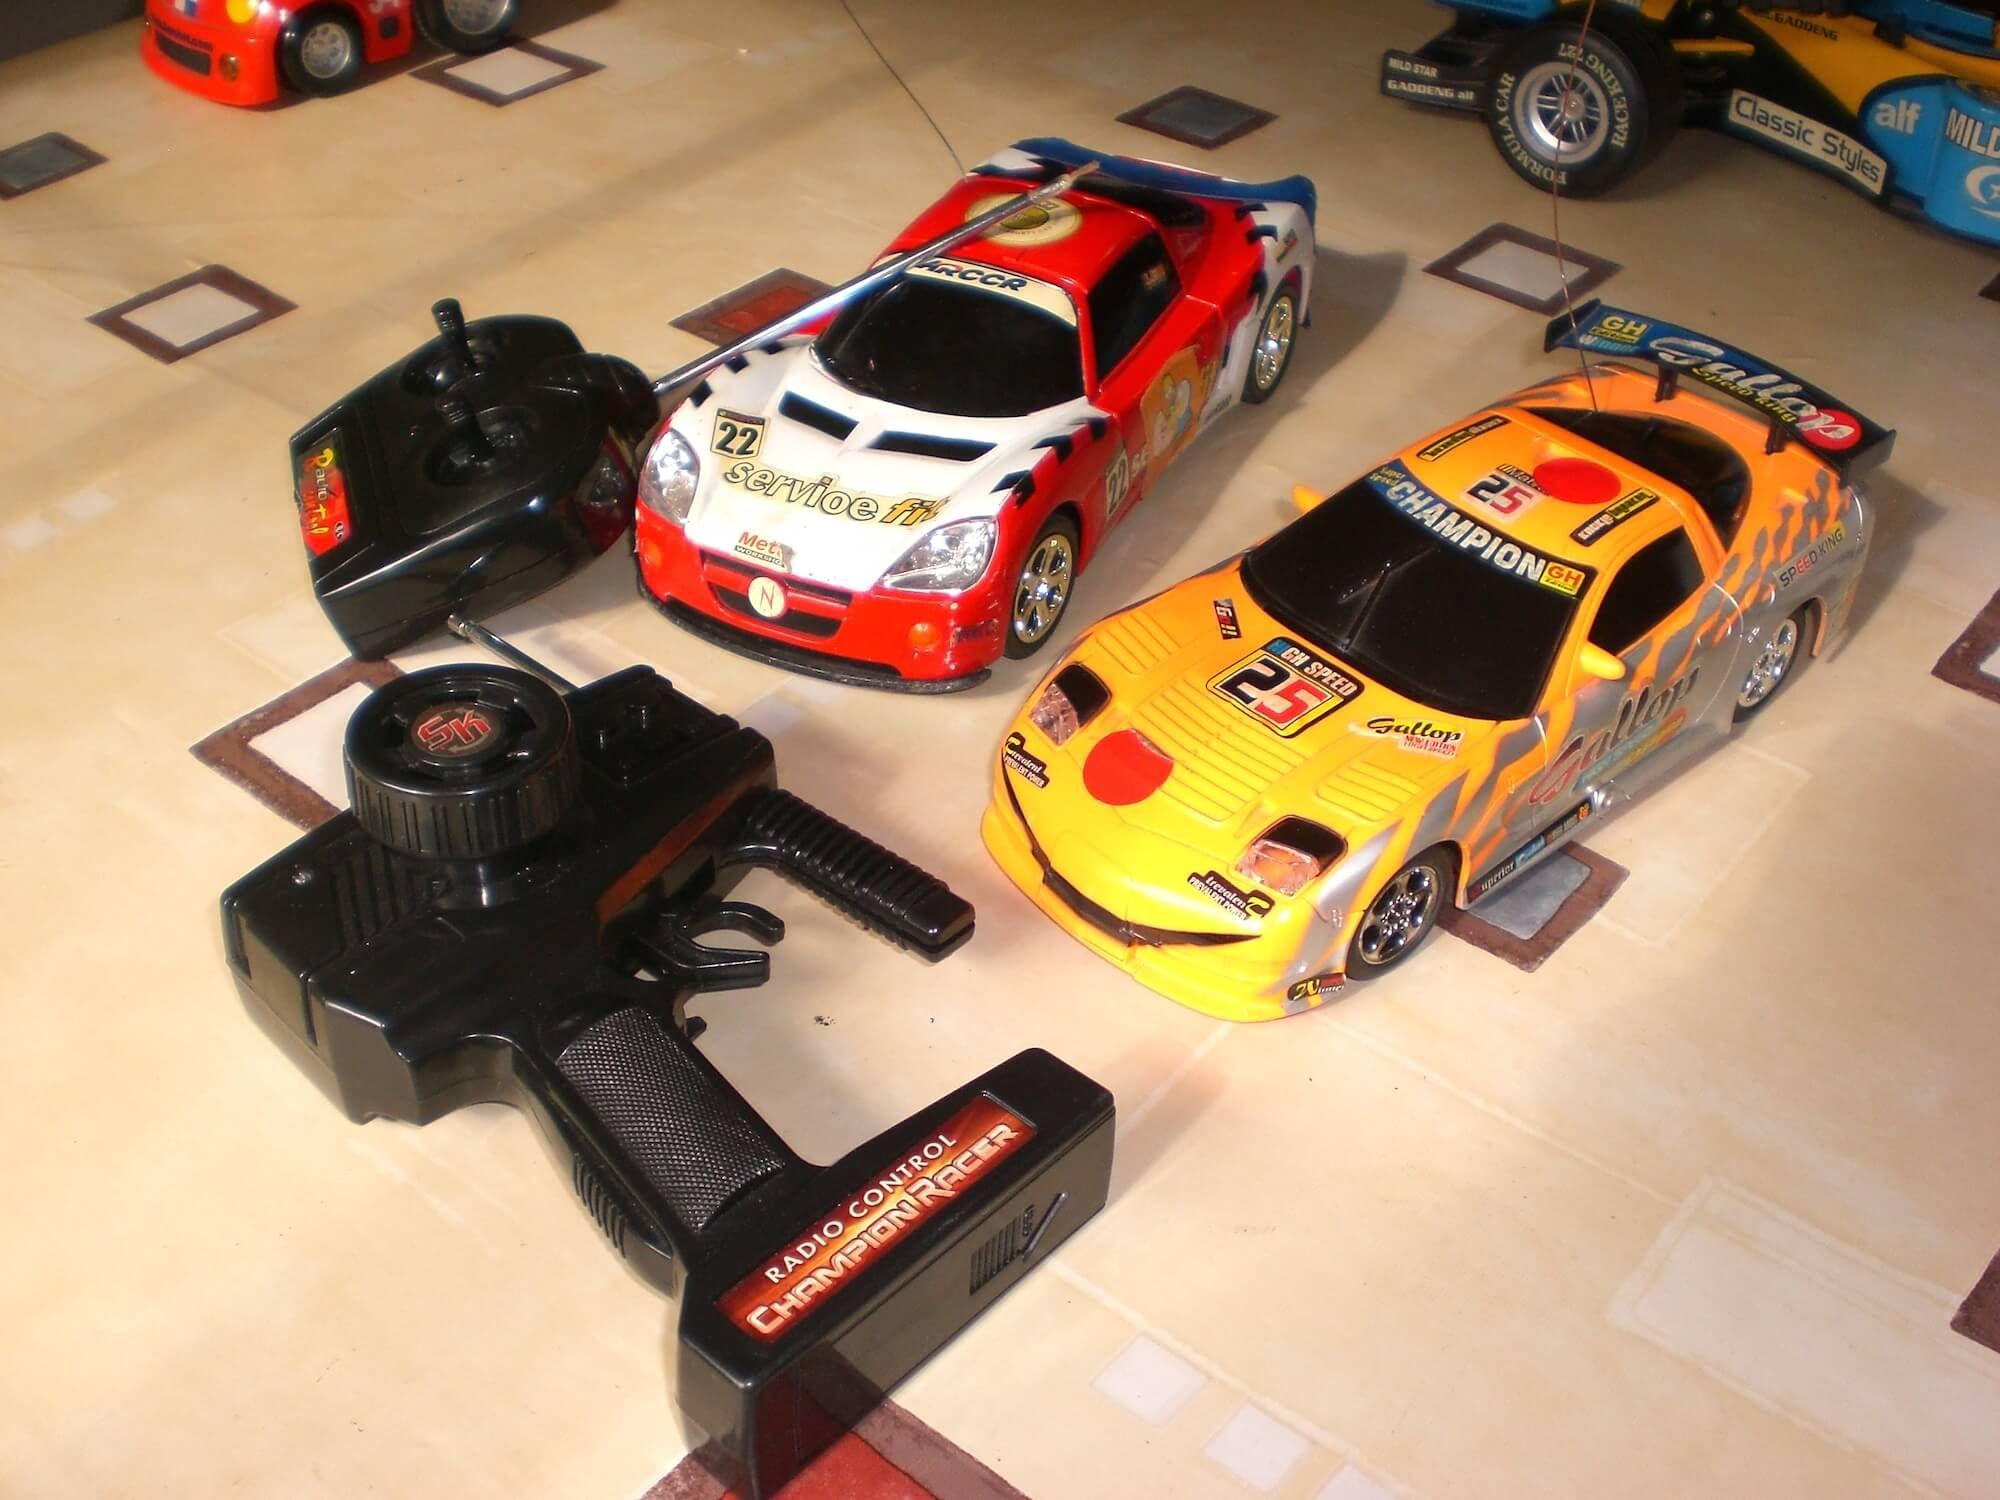 Coches teledirigidos (6 a 12 años): 2 coches de carreras teledirigidos.  Causa beneficiada: Becas educativas del Casal, Barcelona